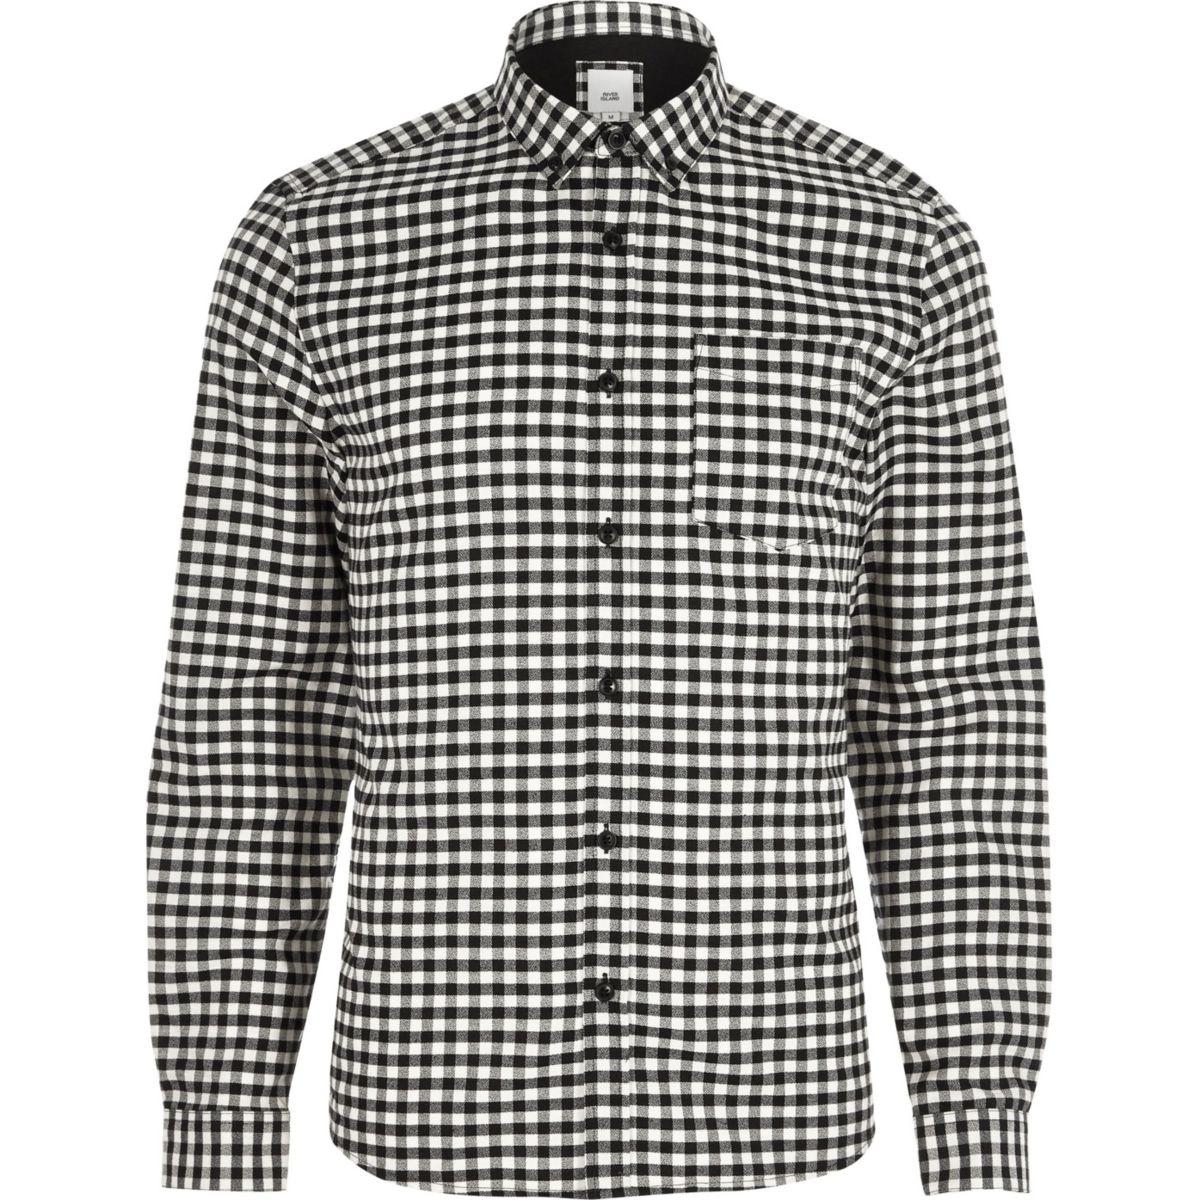 big and tall black gingham check shirt shirts sale men